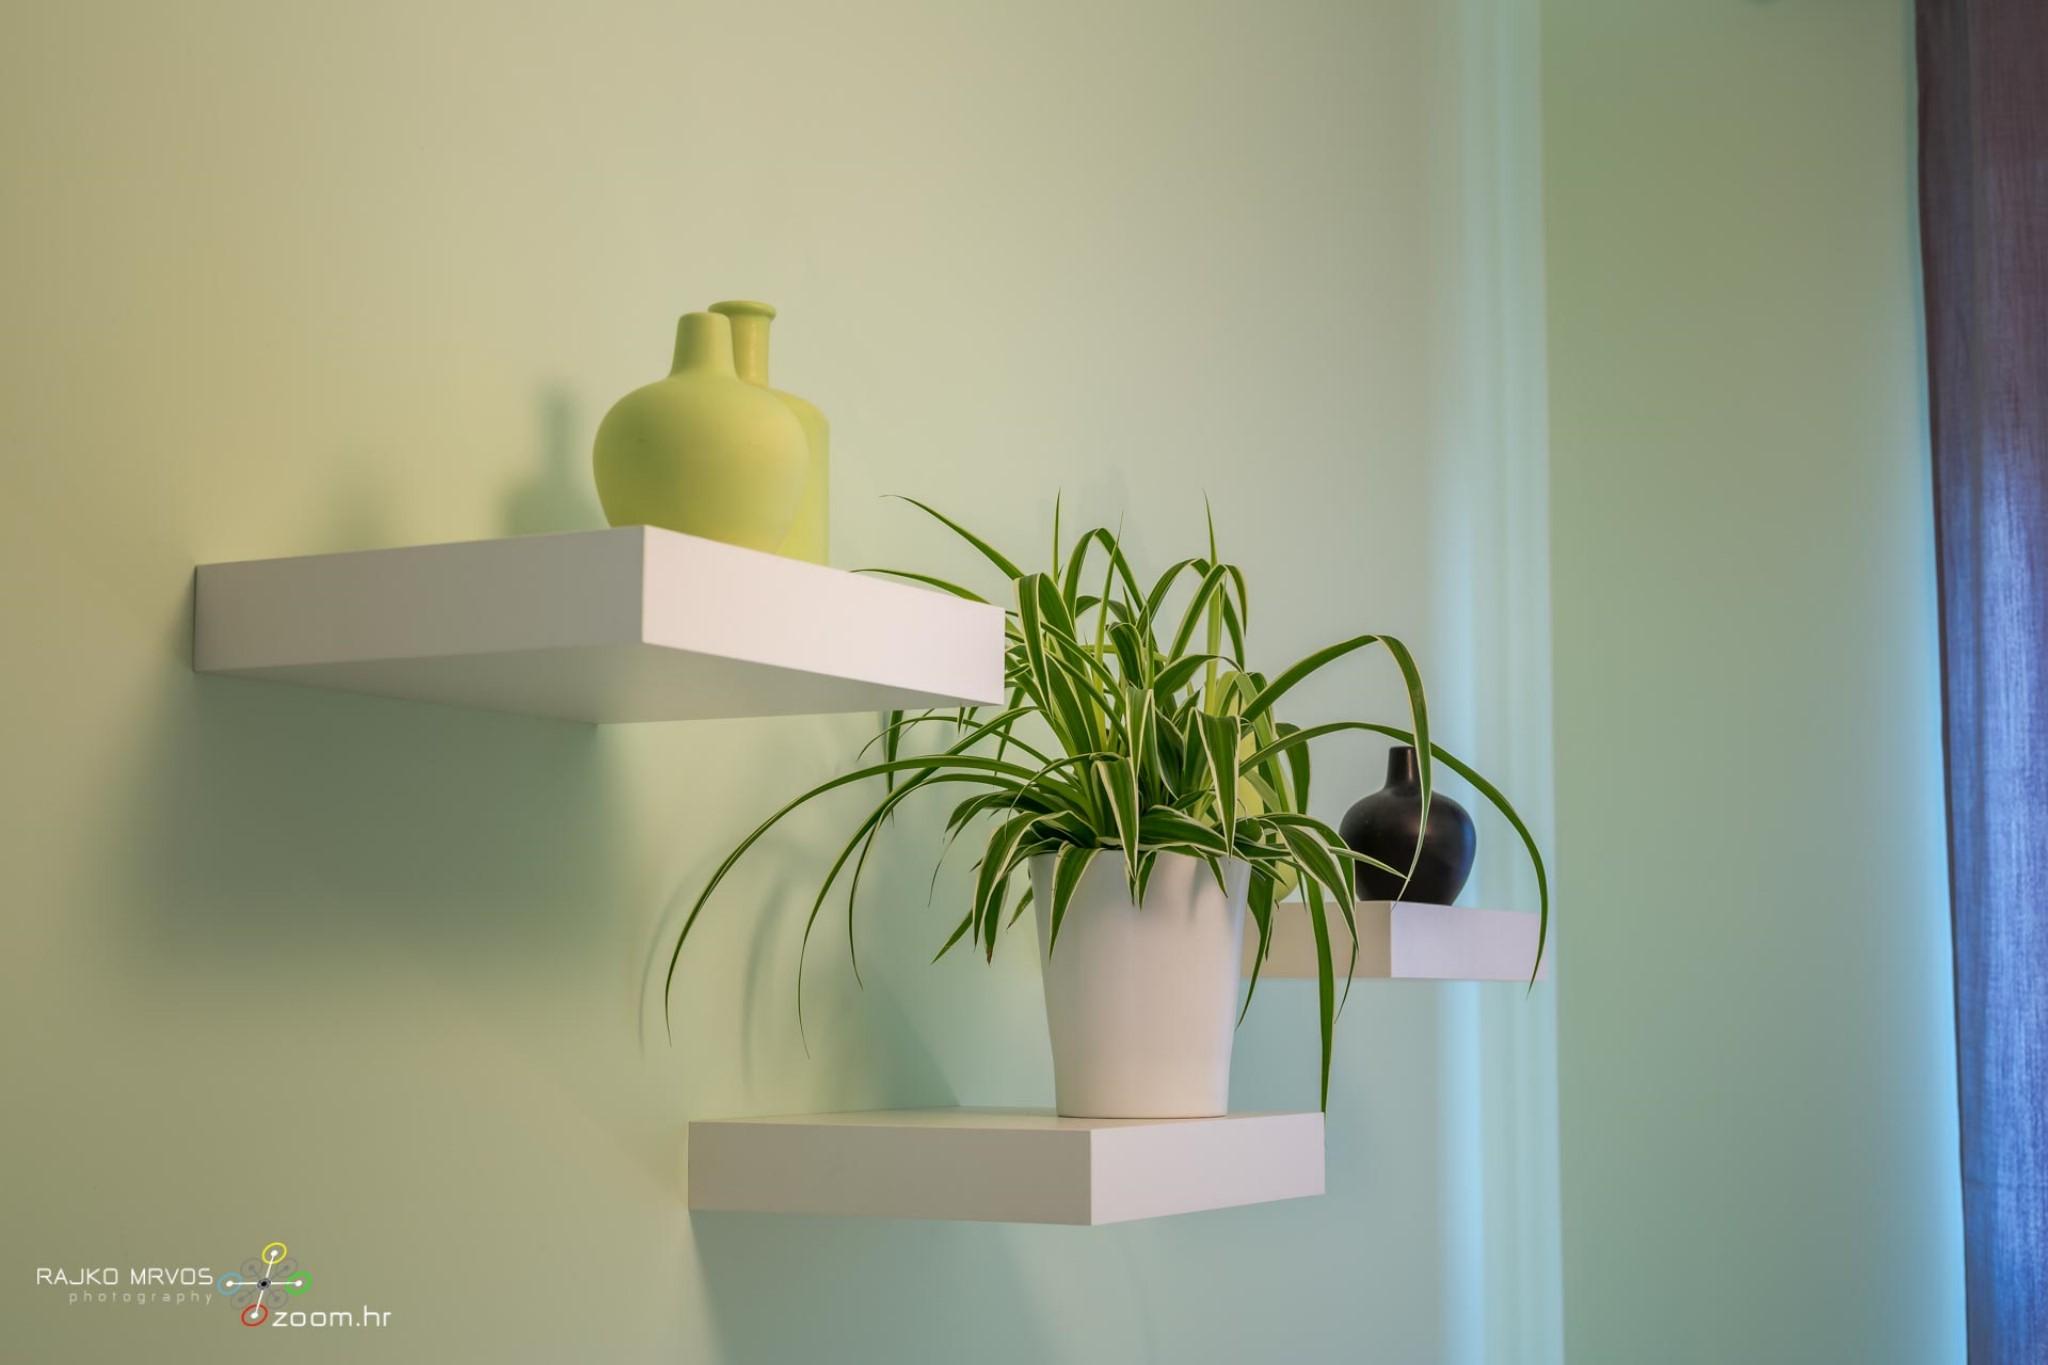 fotografiranje-interijera-fotograf-eksterijera-apartmana-vila-kuca-hotela-apartman-Pobri-Opatija-21